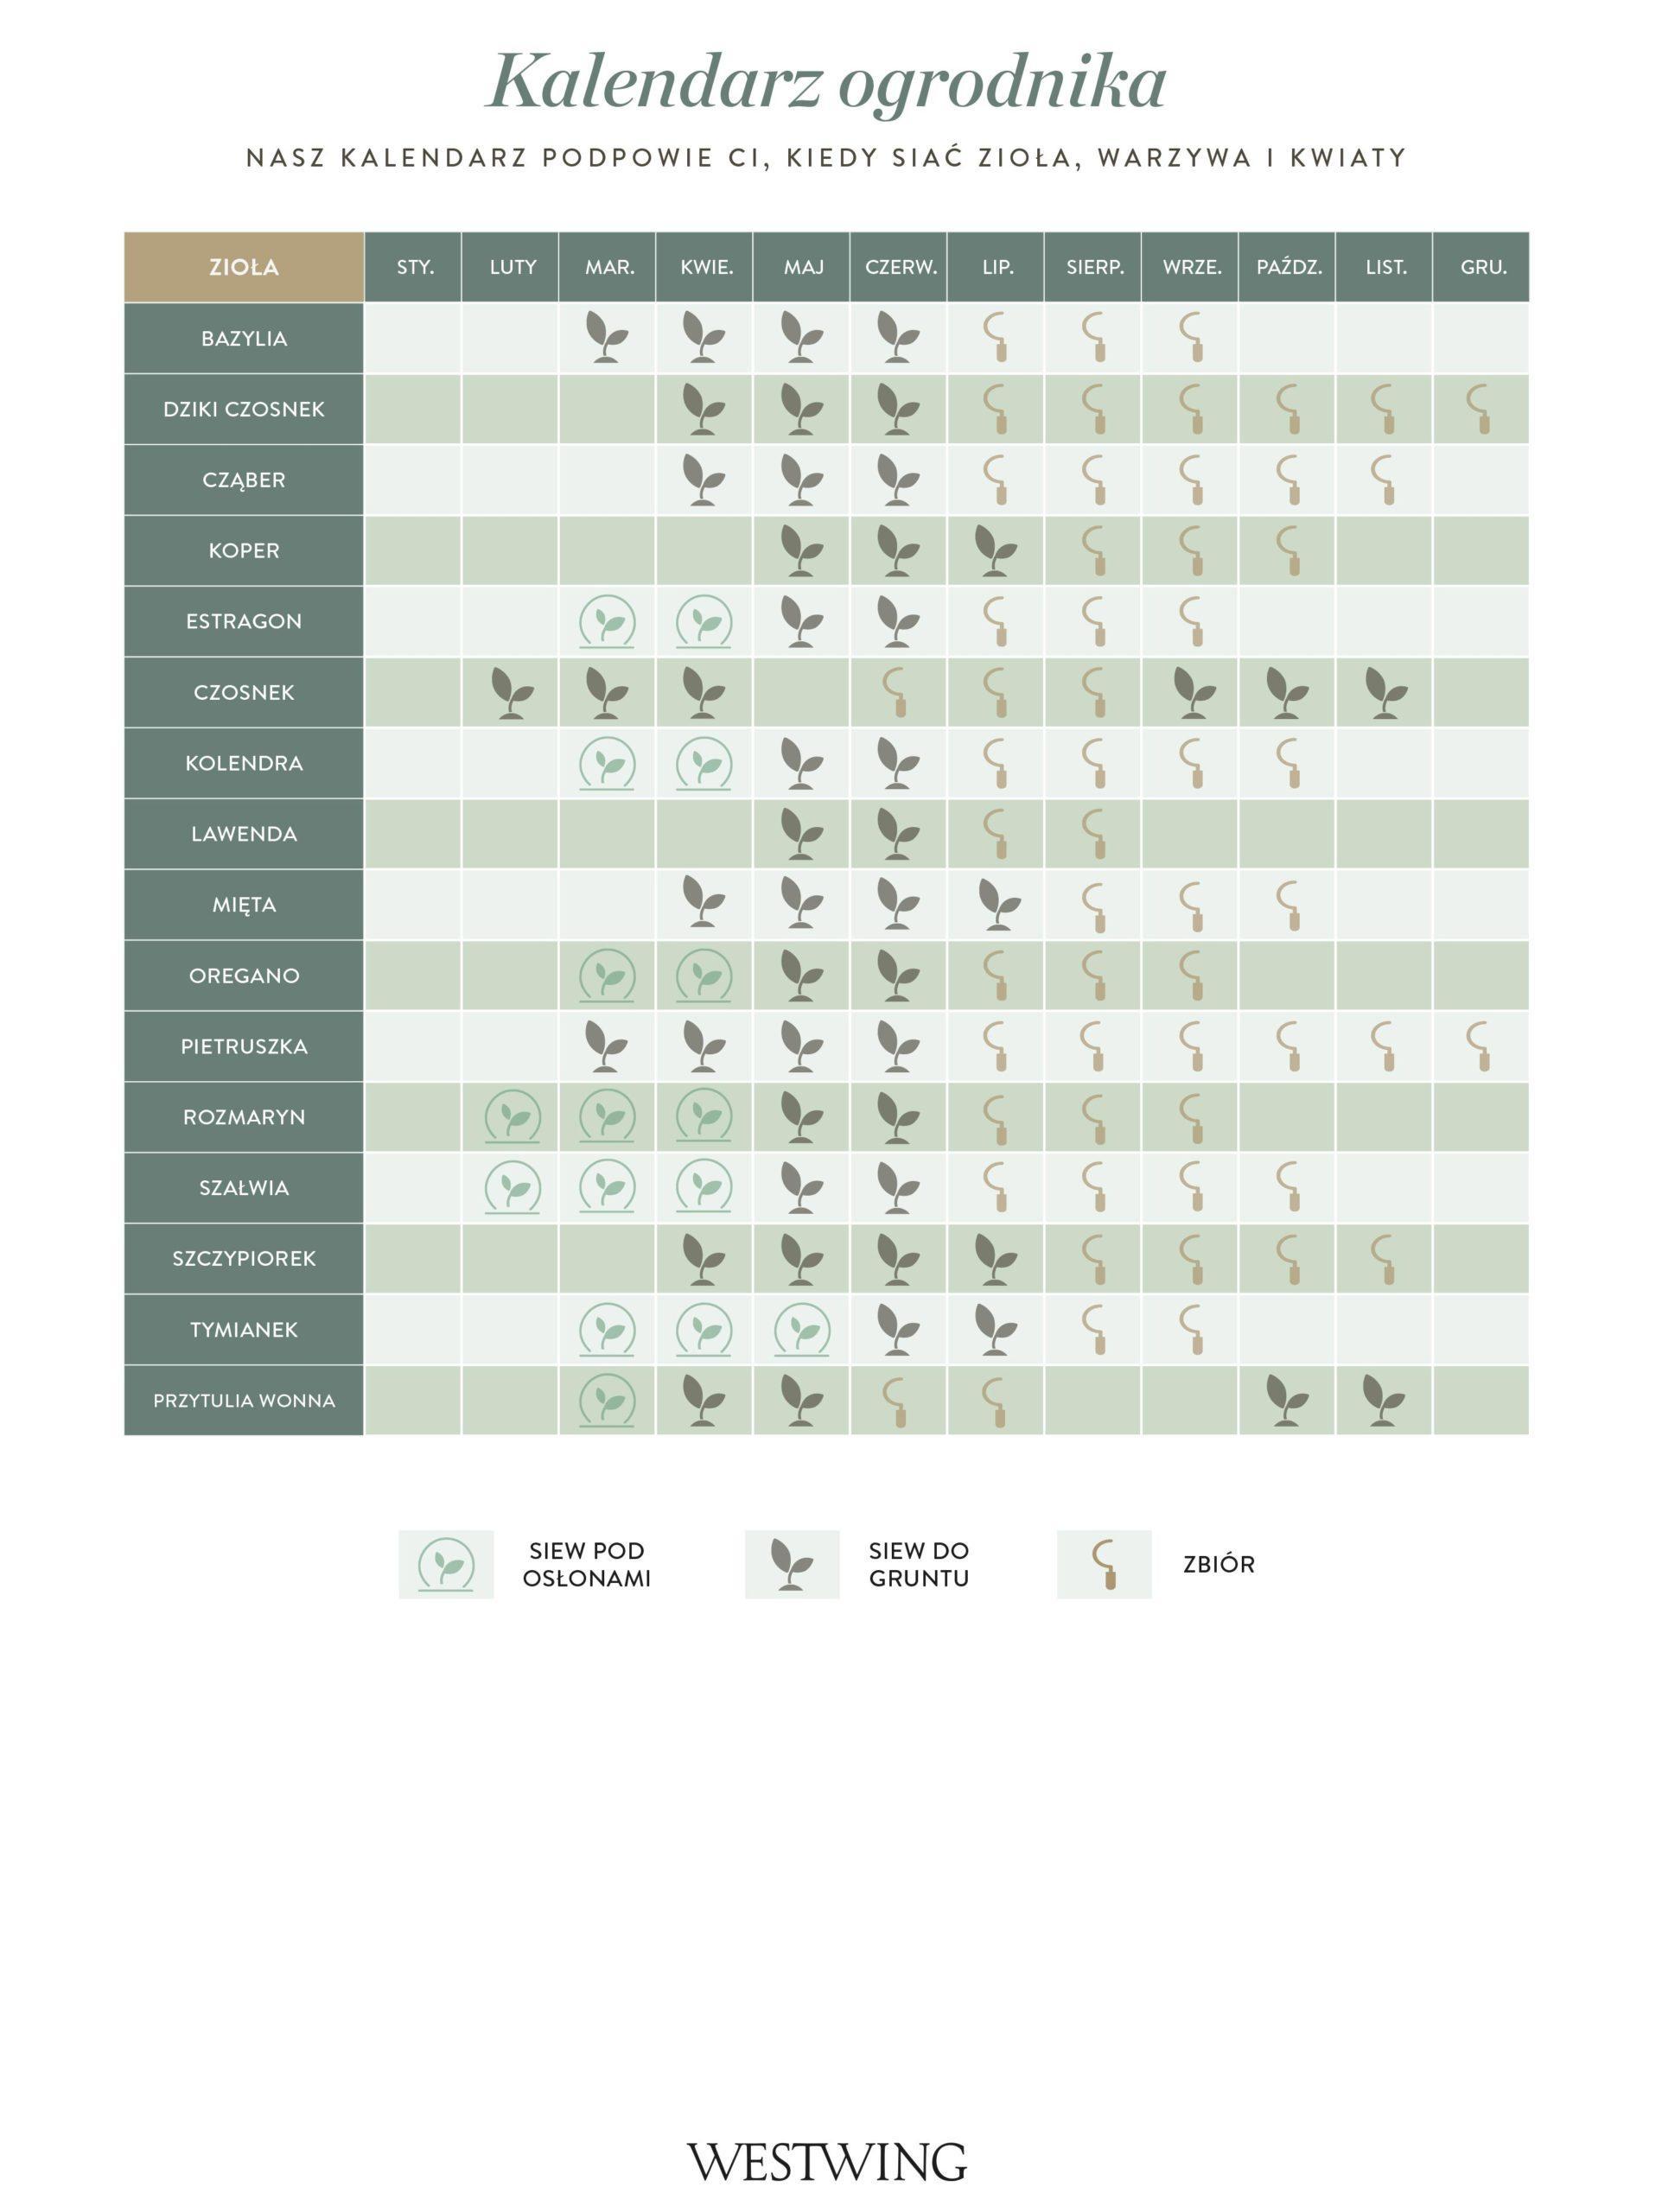 kalendarz siewu ziół do wydrukowania